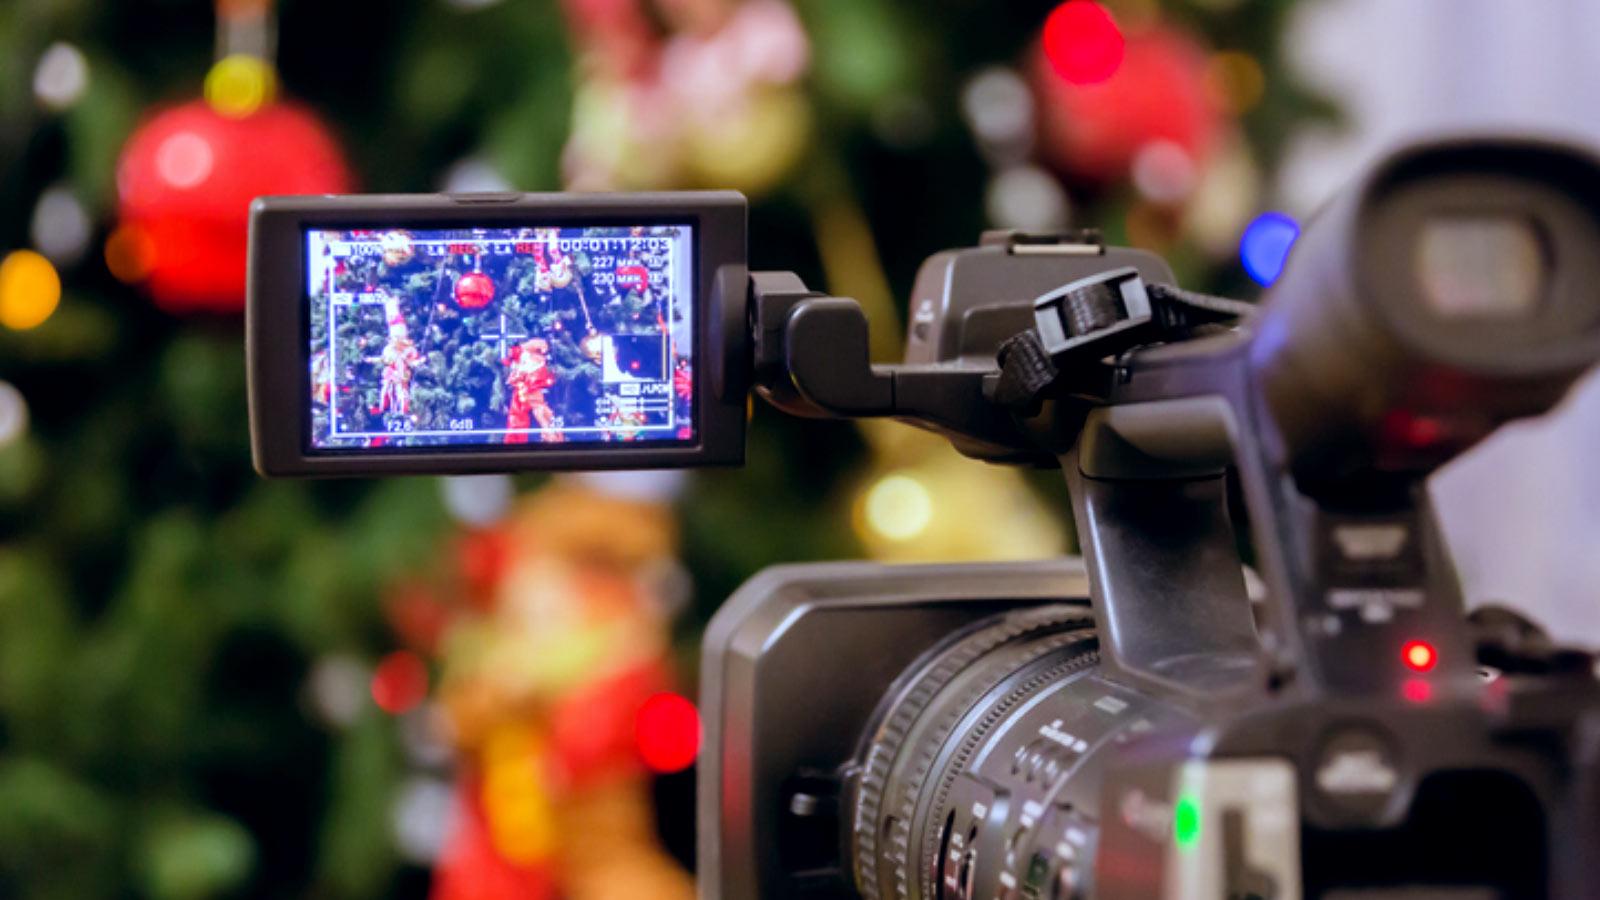 campanha de natal video marketing 1a dumela - Campanha de Natal: como posicionar sua marca para ações de marketing?